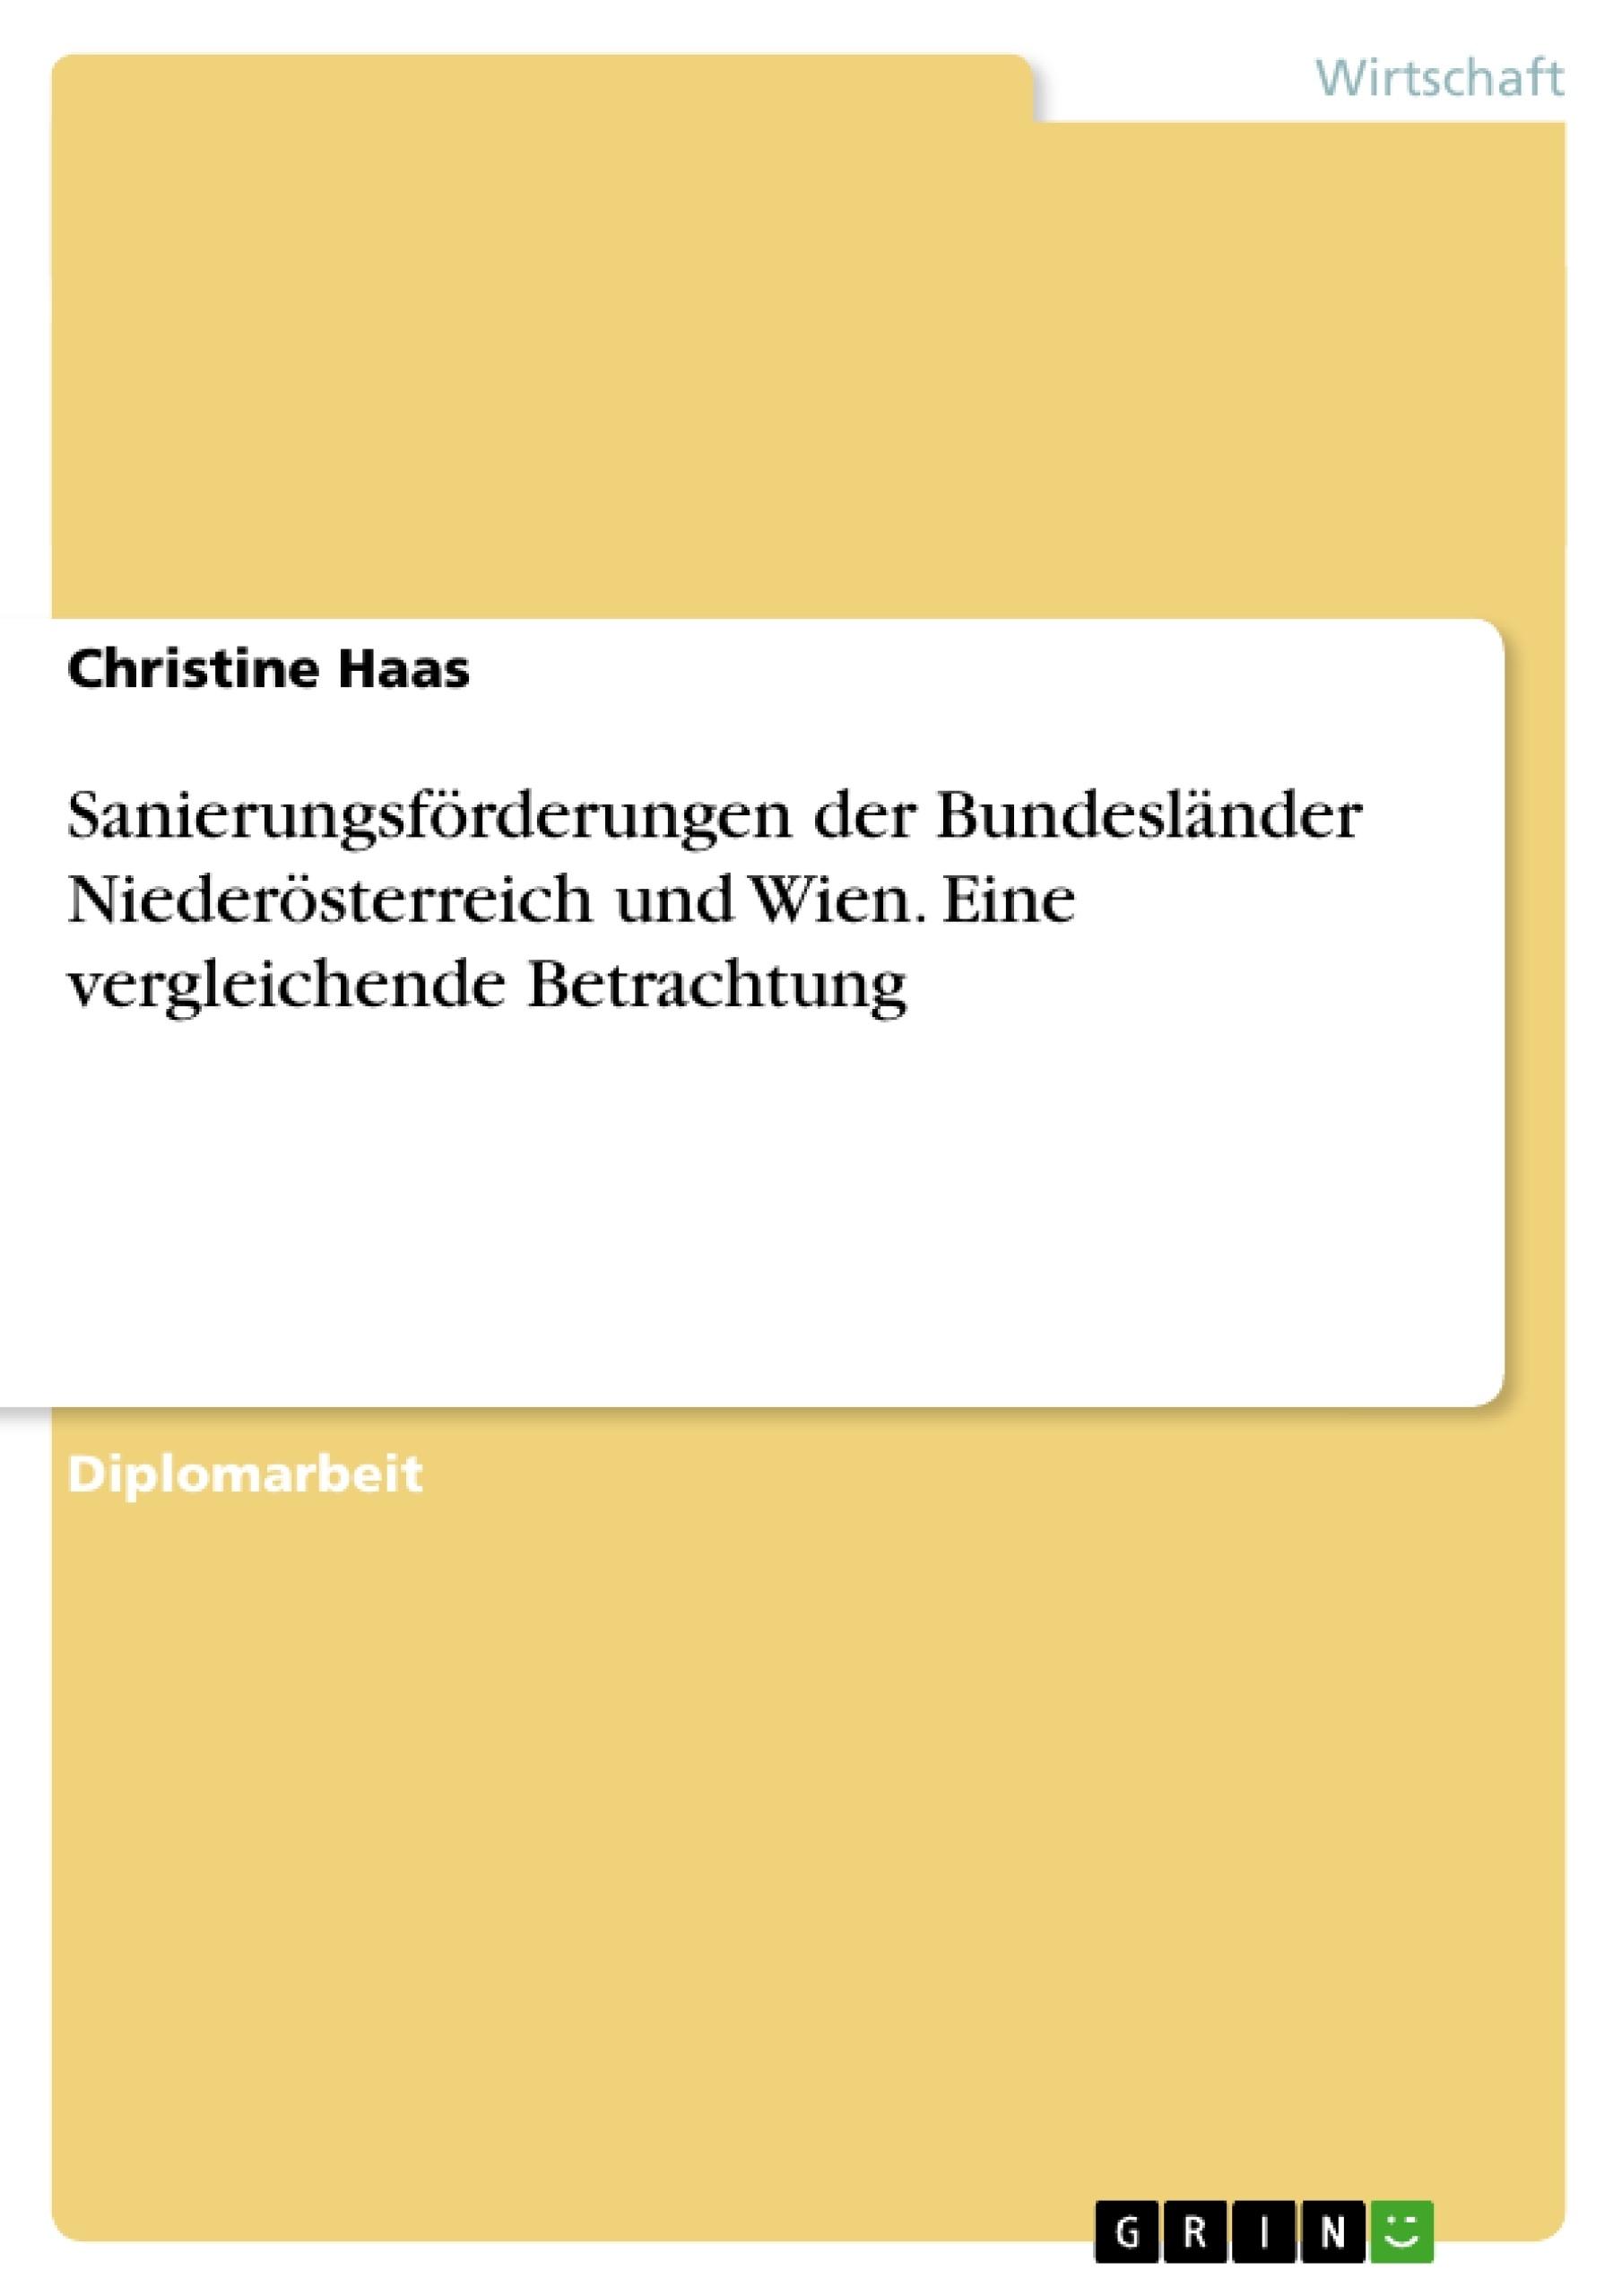 Titel: Sanierungsförderungen der Bundesländer Niederösterreich und Wien. Eine vergleichende Betrachtung